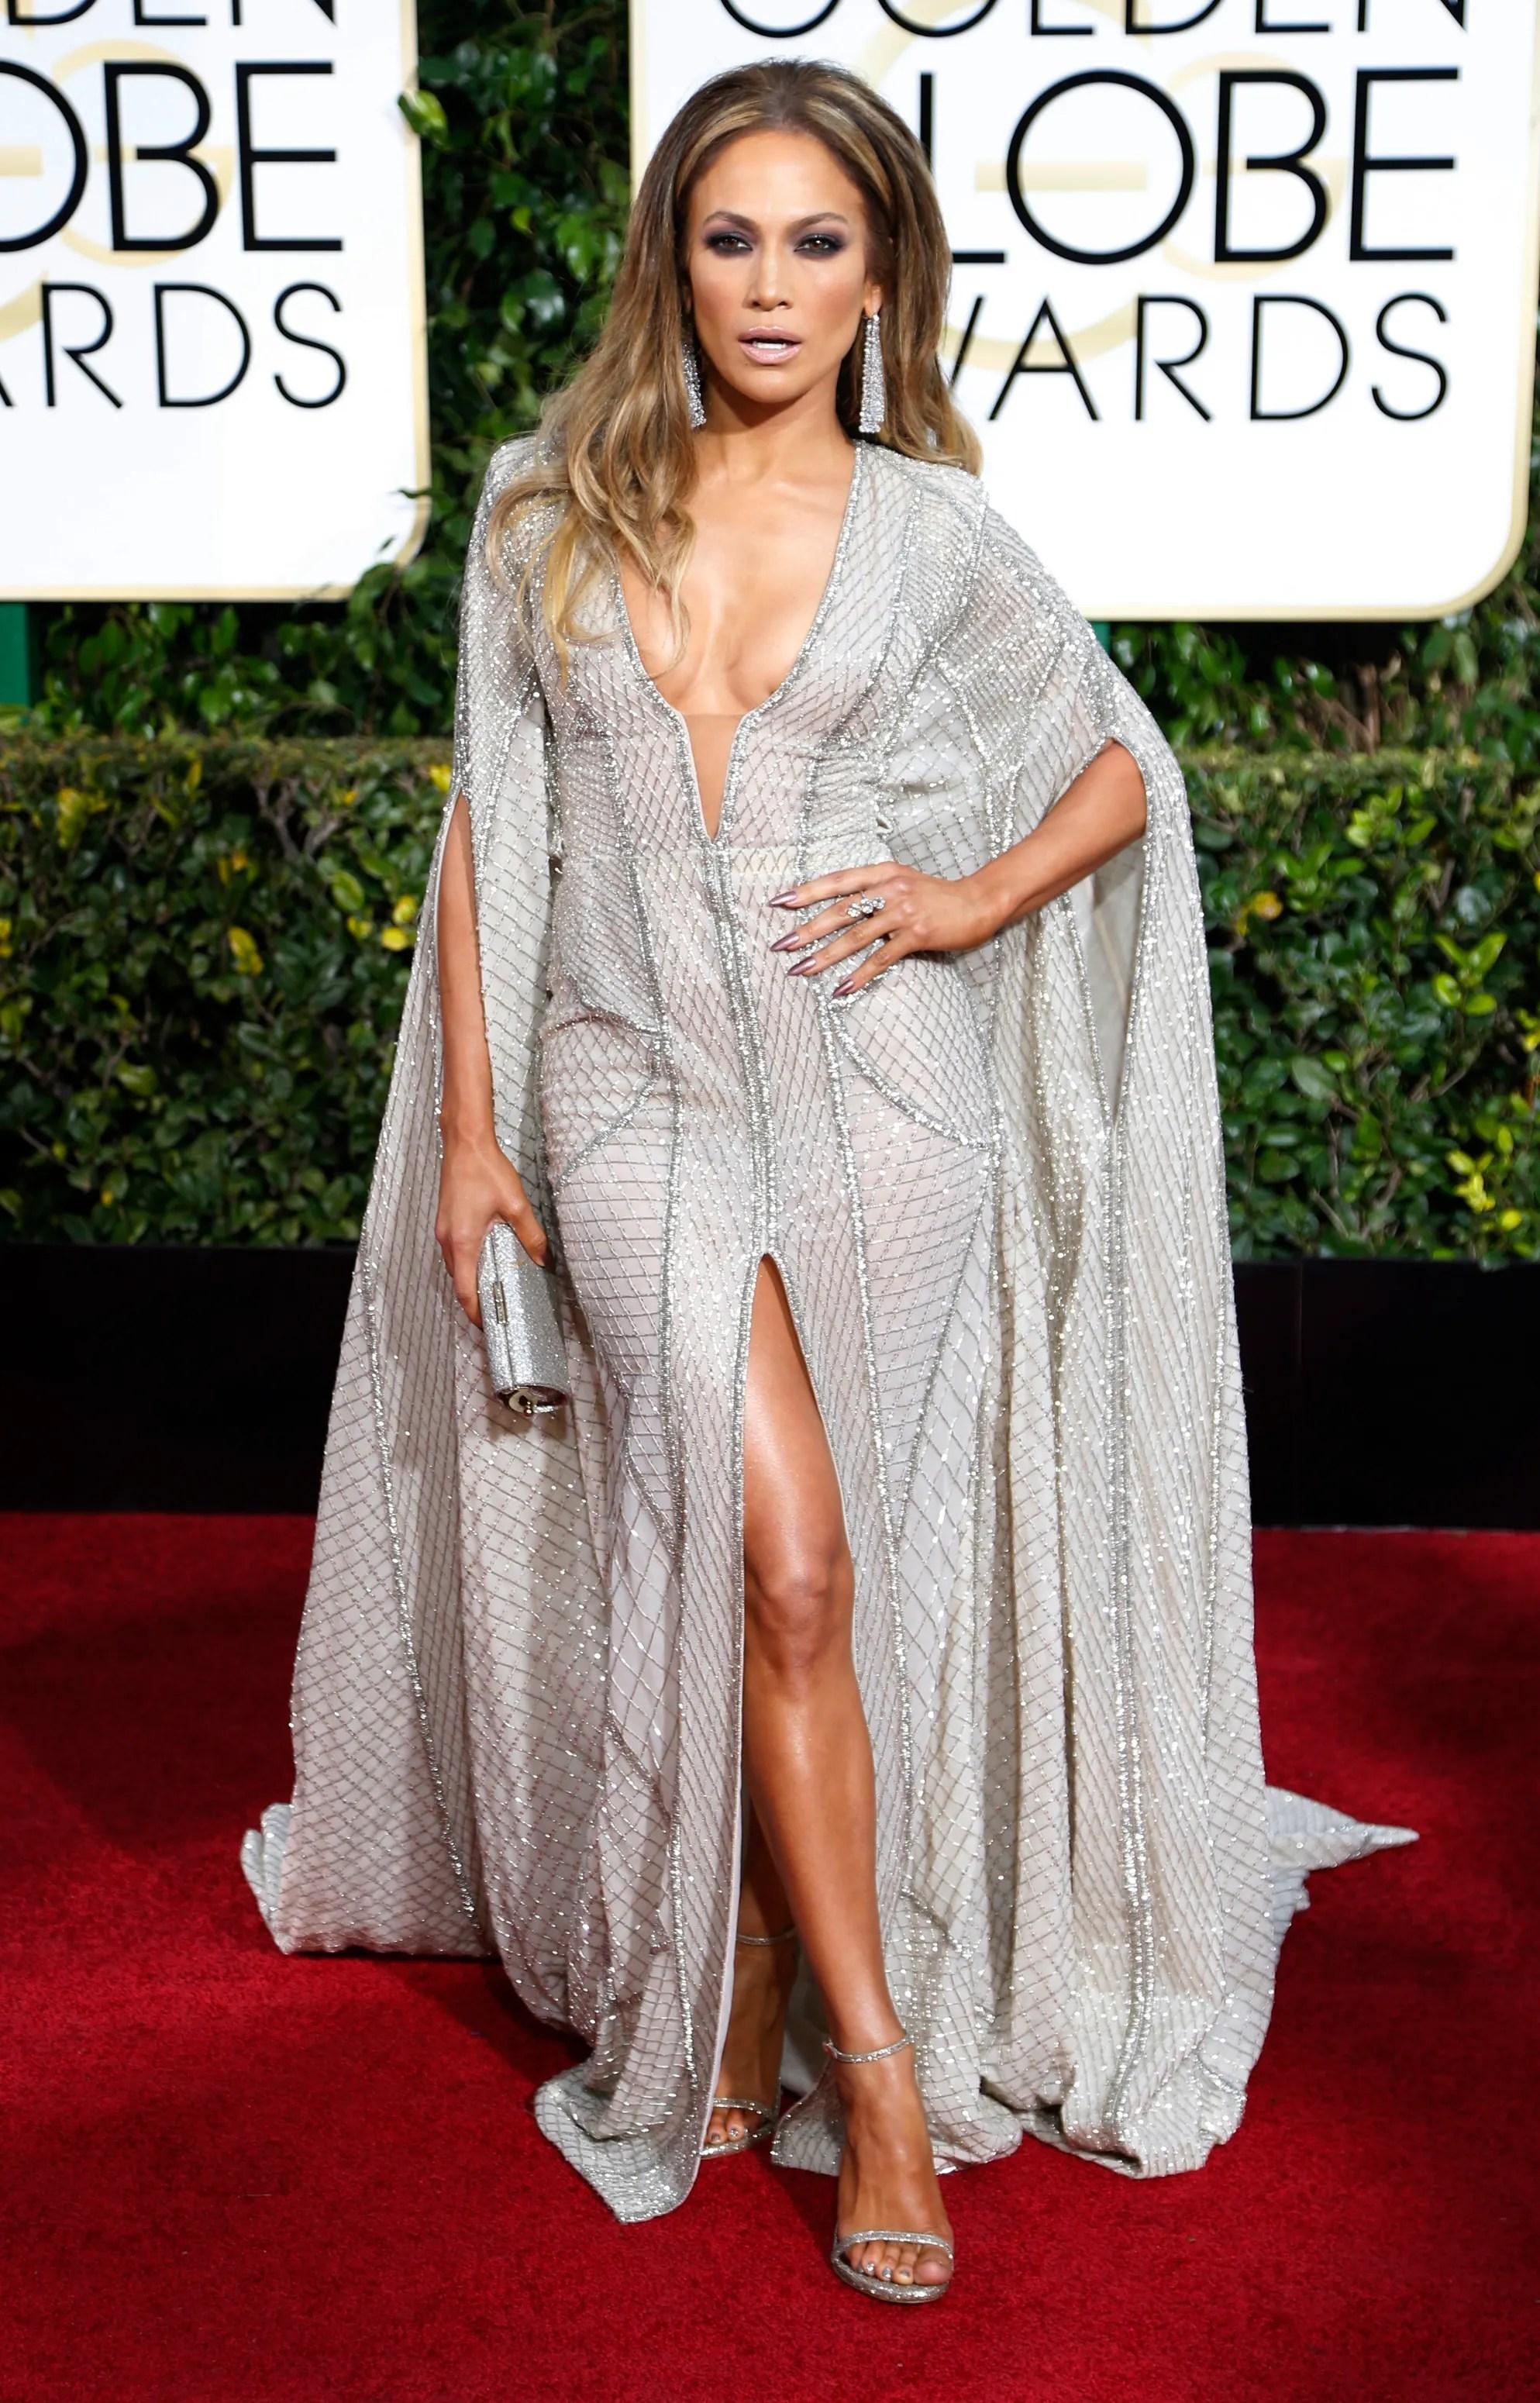 Jennifer Lopez: Not